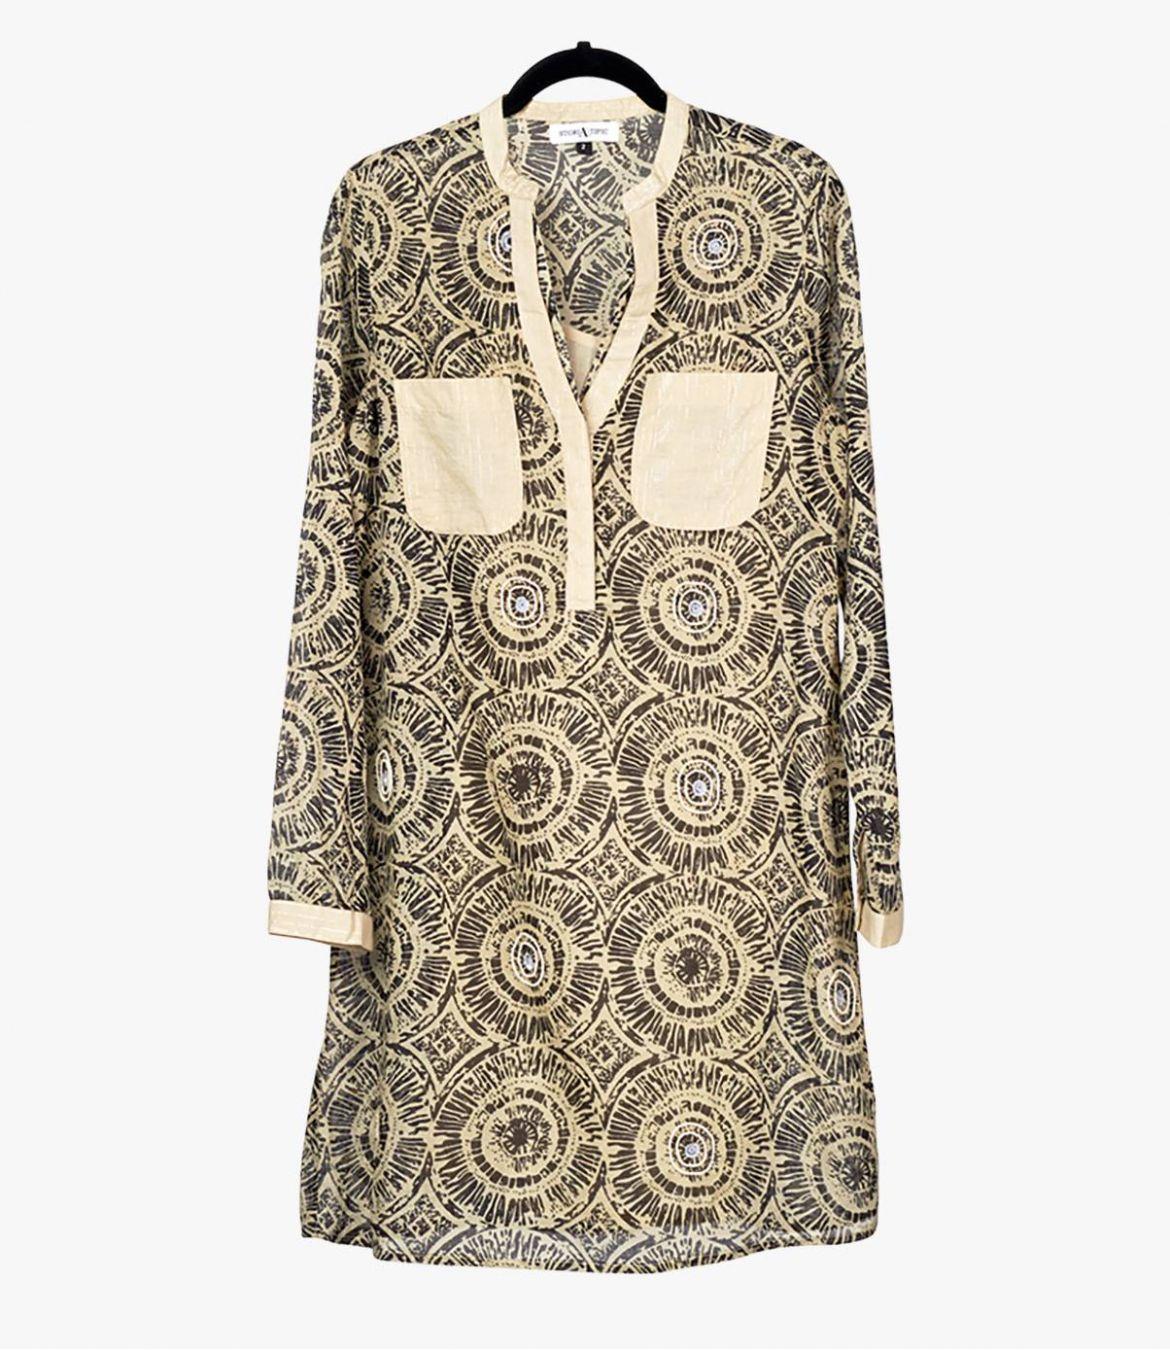 SONG SUN Cotton Dress for Women Storiatipic - 1